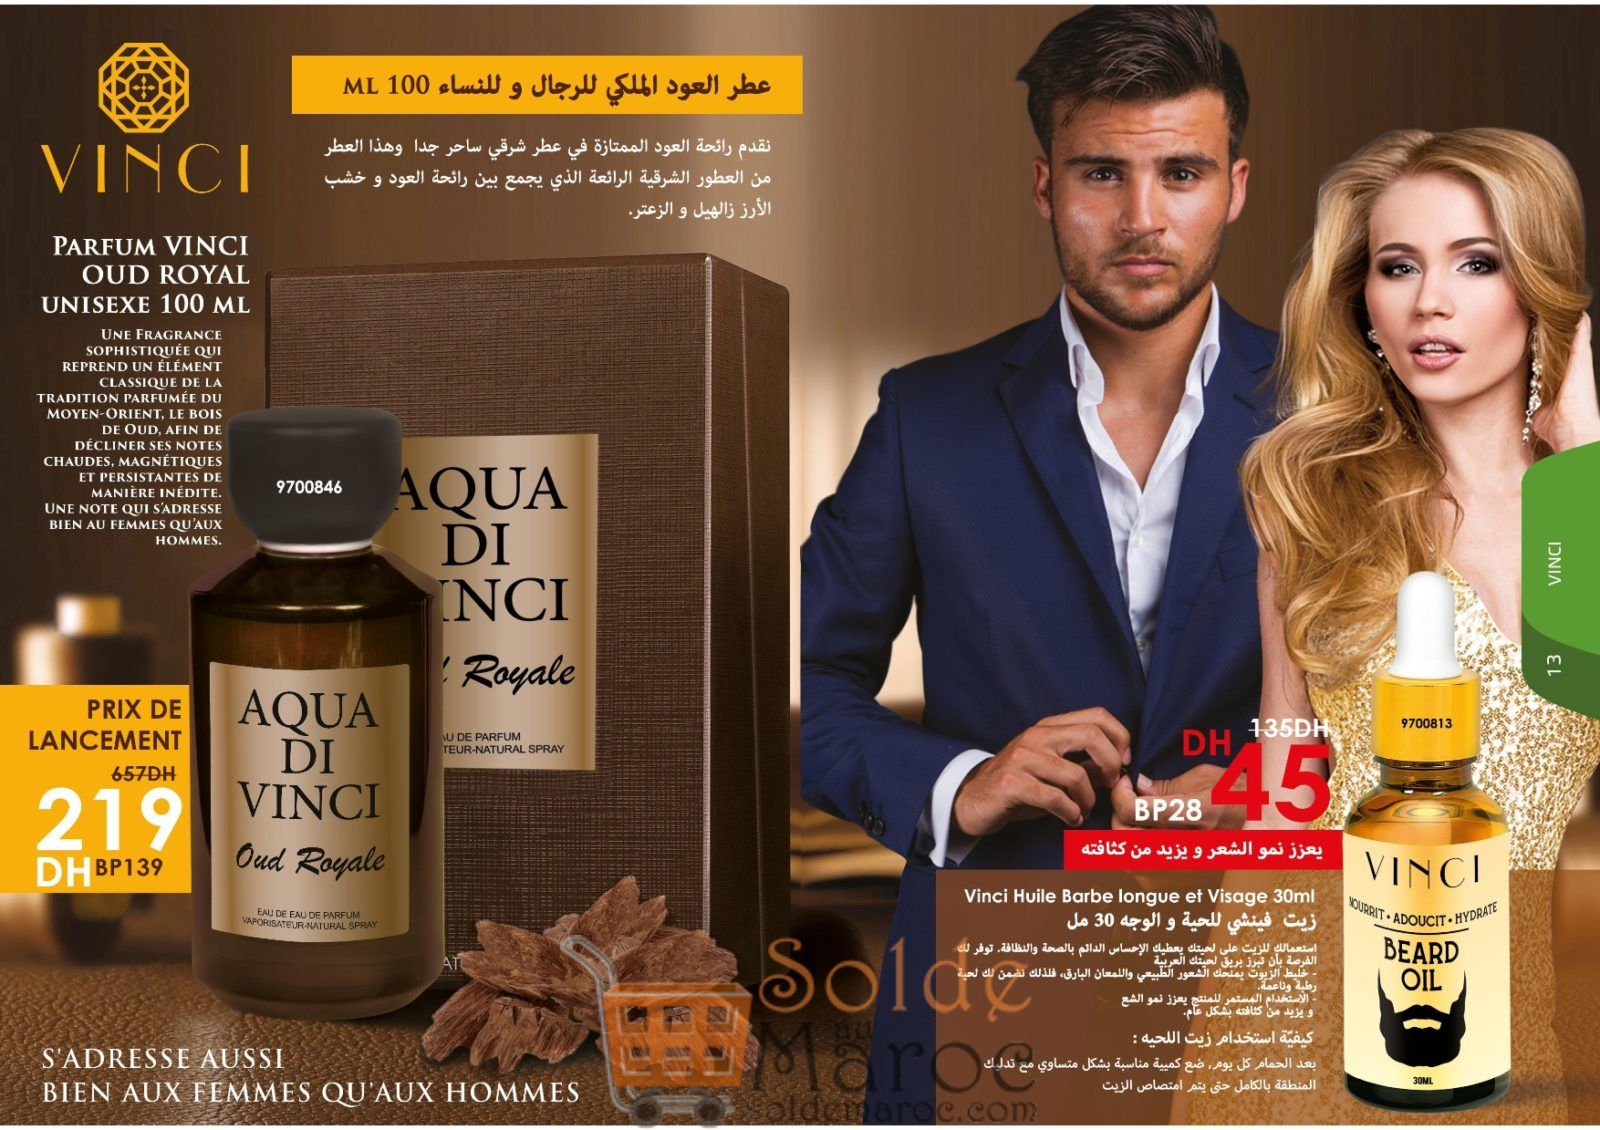 Catalogue Vinci Maroc Septembre 2018